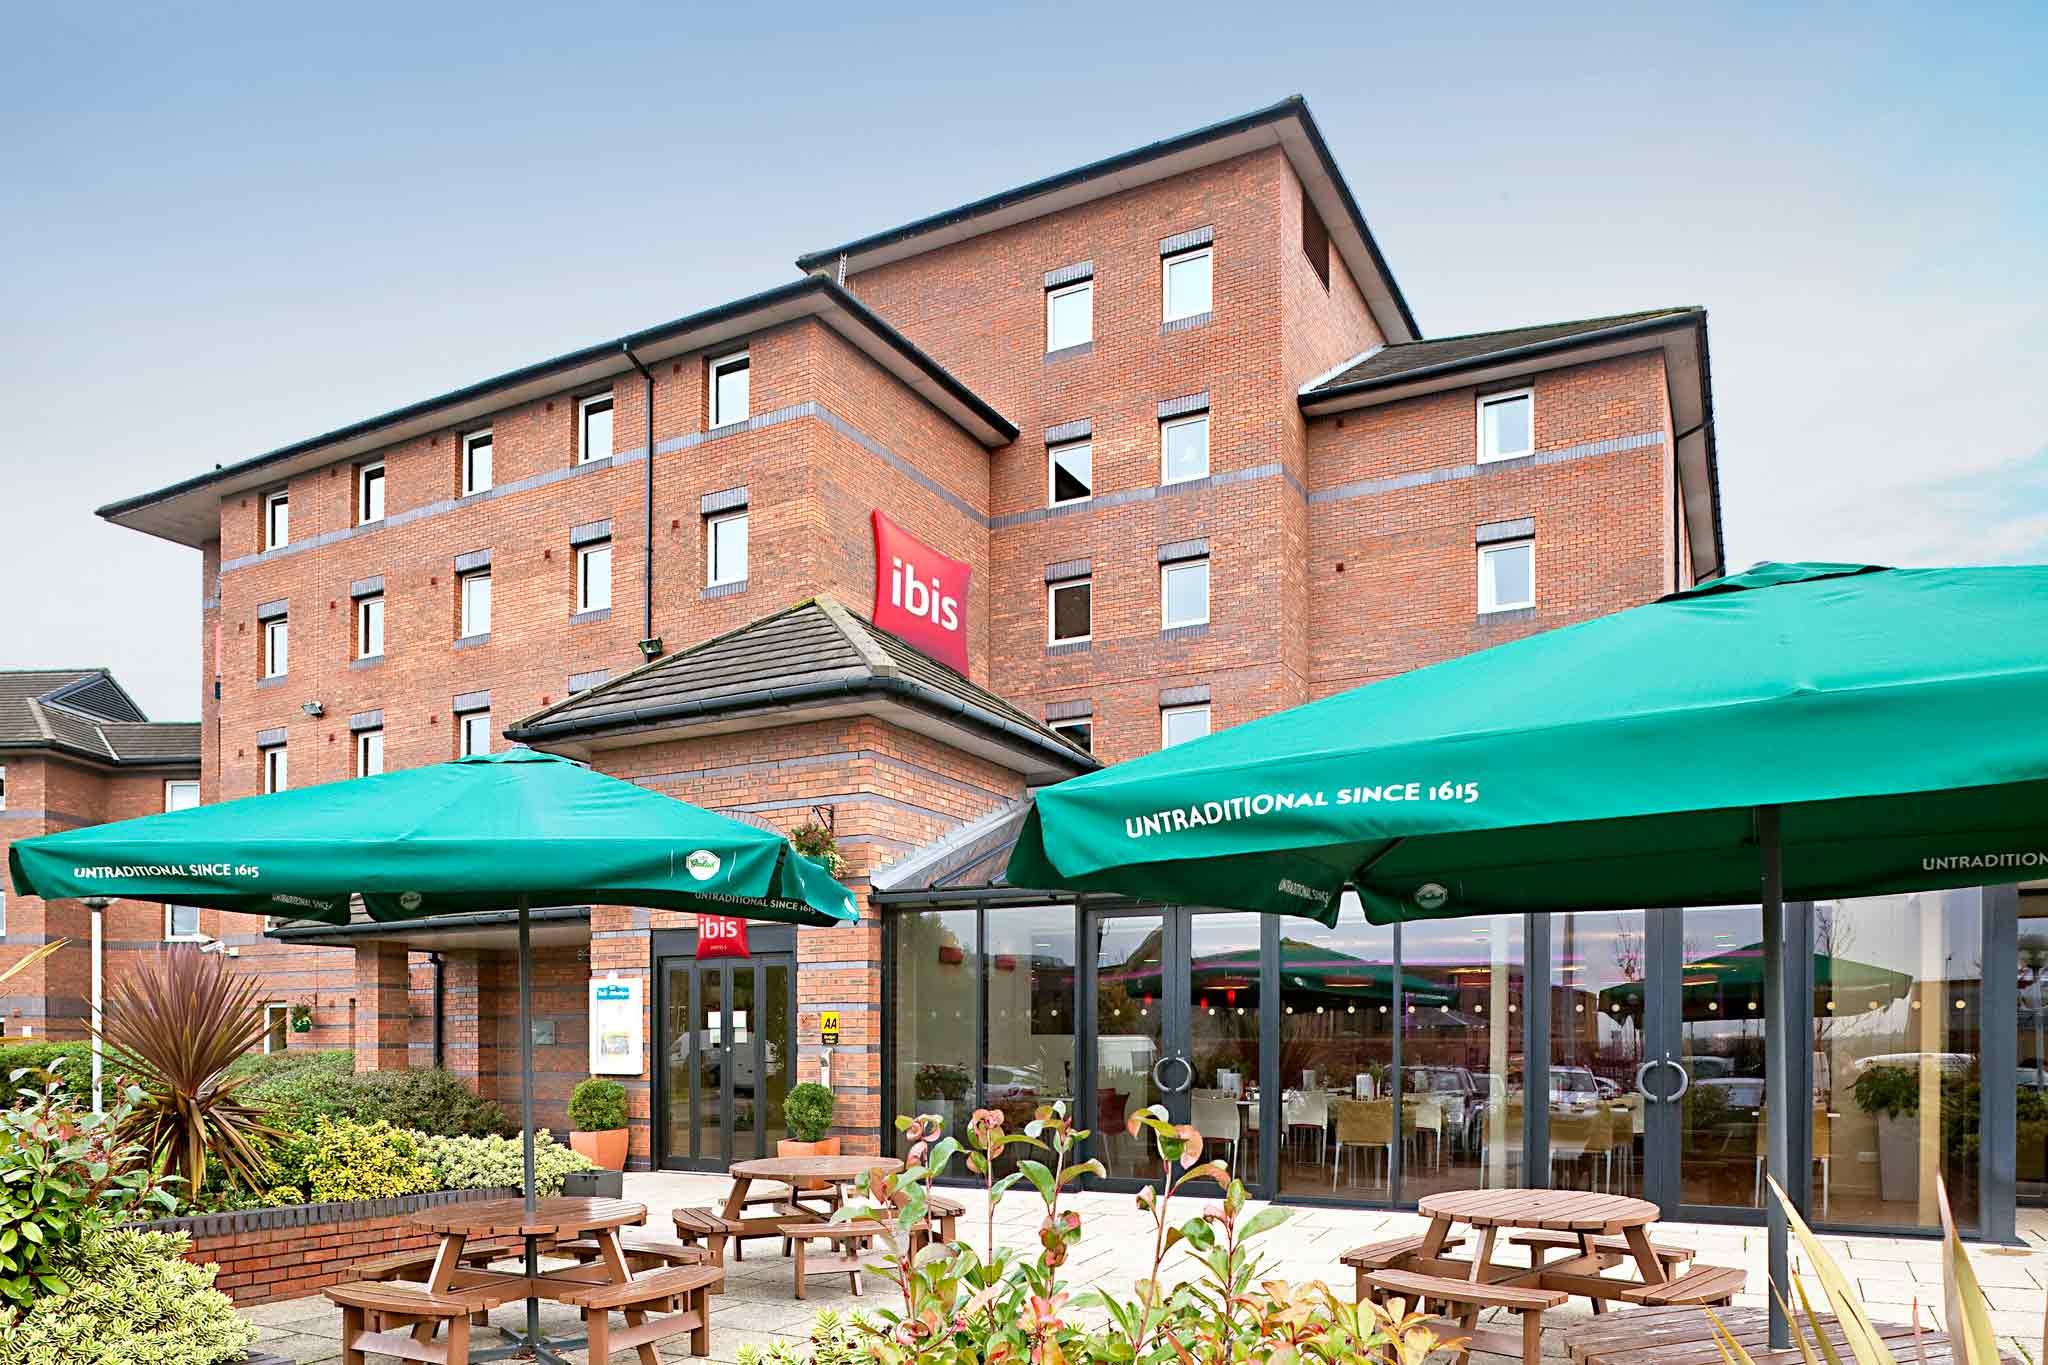 酒店 – 宜必思利物浦阿尔伯特码头酒店 - 利物浦一号店